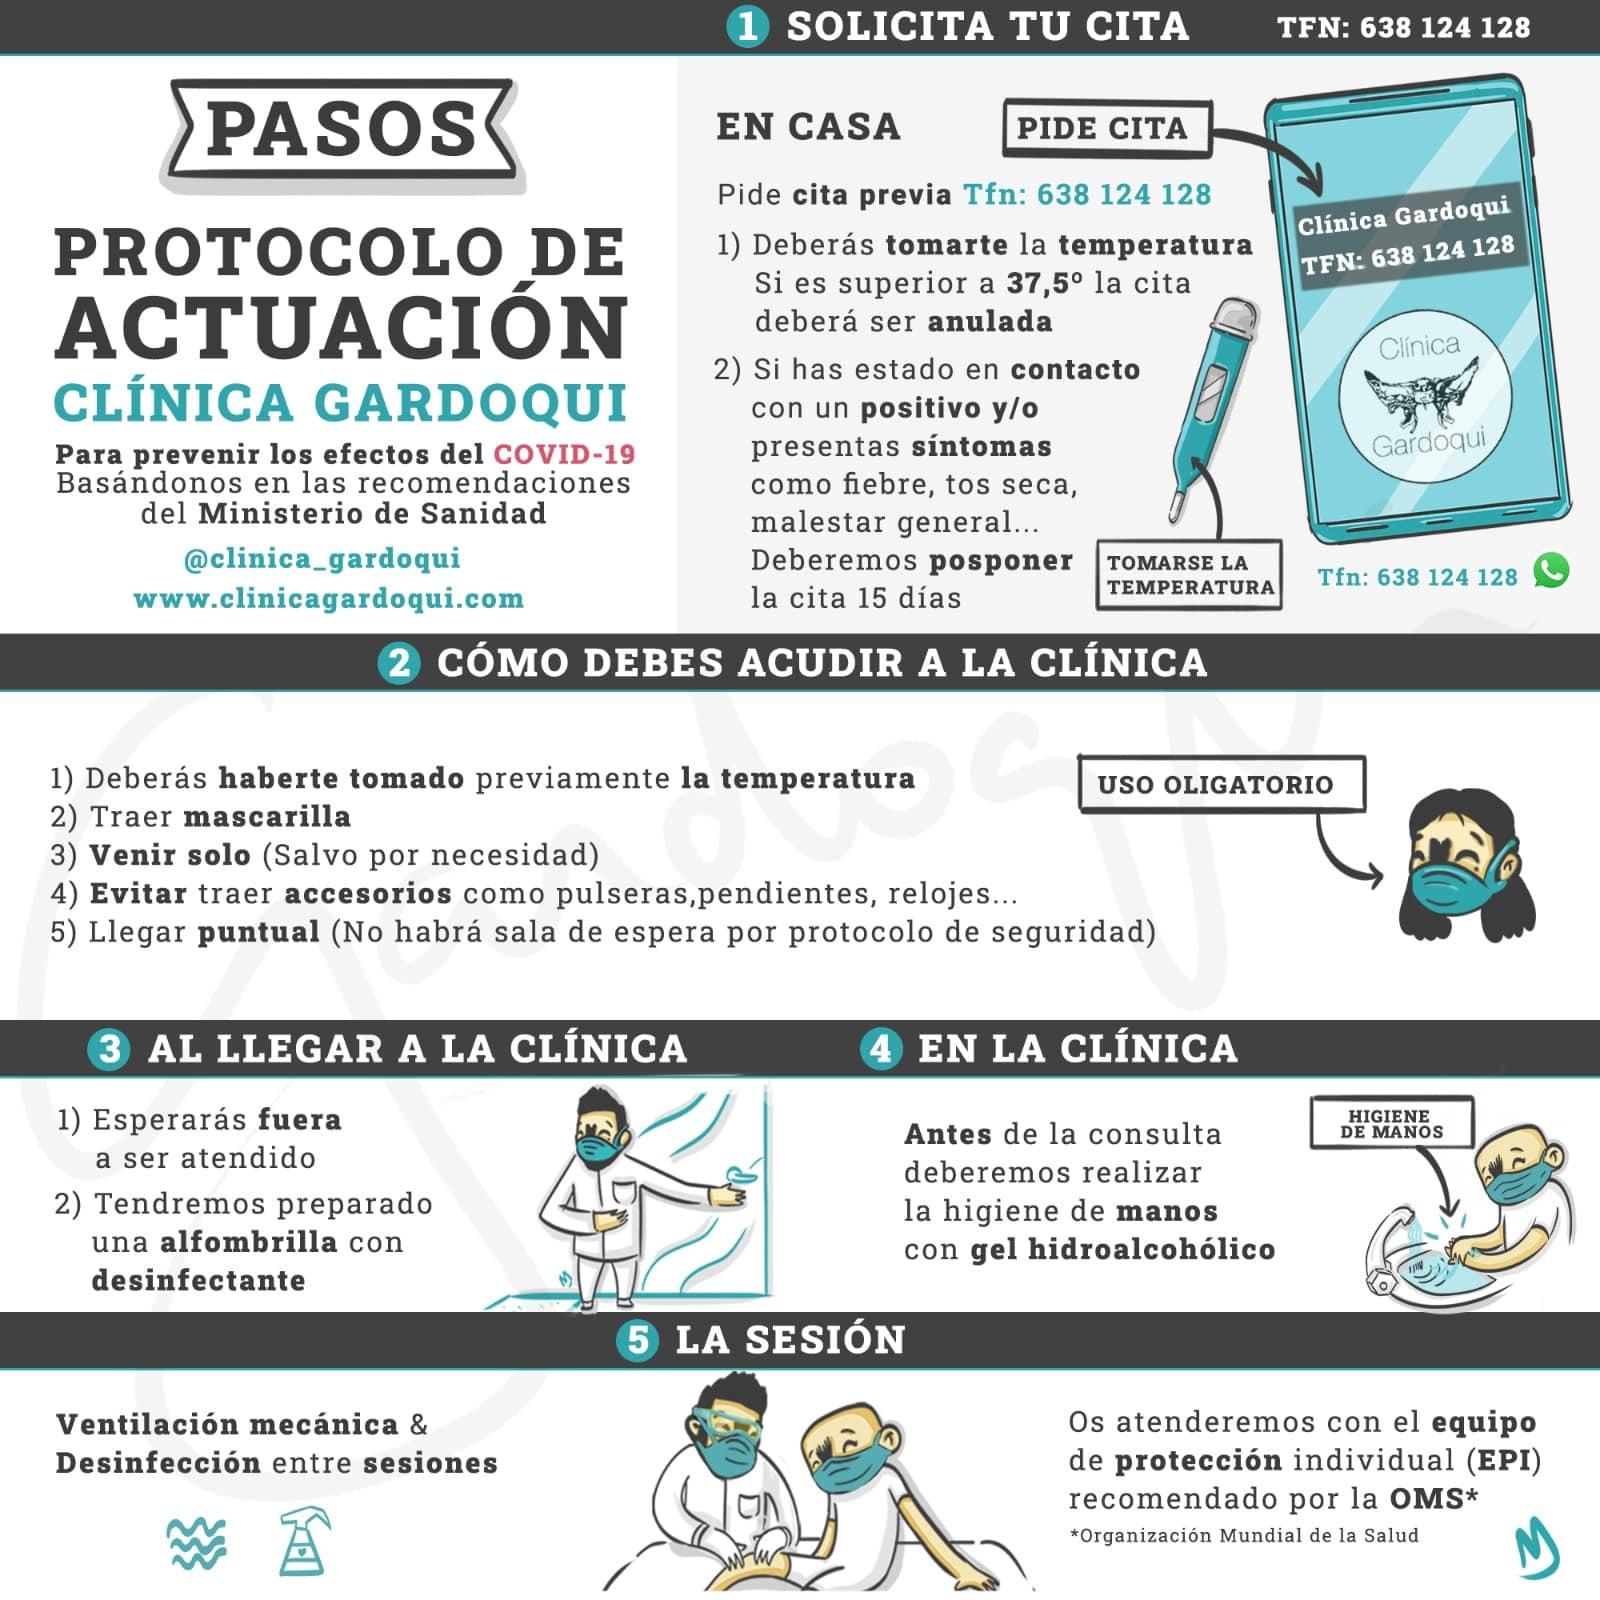 Clinica-Gardoqui-Seguridad-Covid-19-Santander-Fisioterapia-y-Osteopatia-prevencion-y-tratamiento-del-dolo